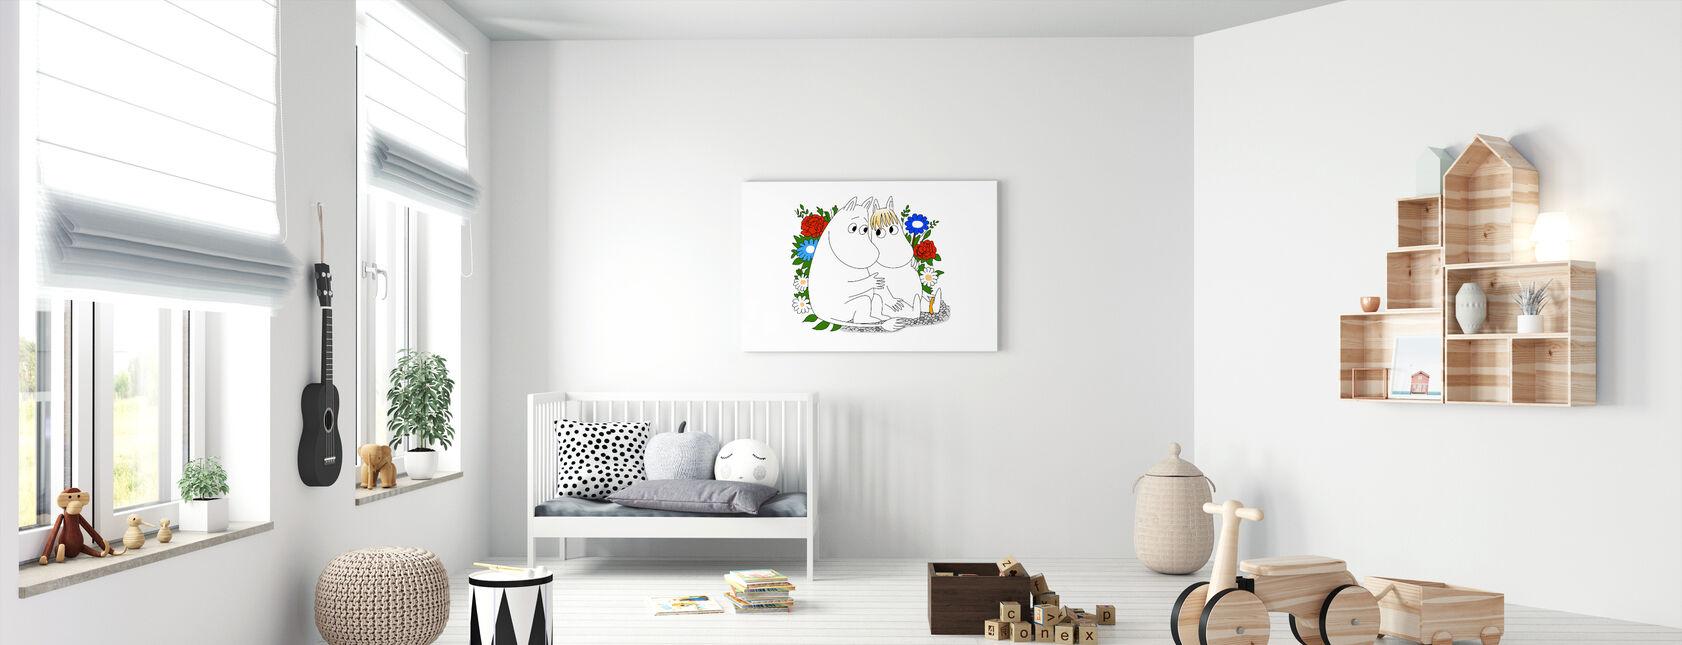 Moomin - Snorkmaiden - Lerretsbilde - Babyrom